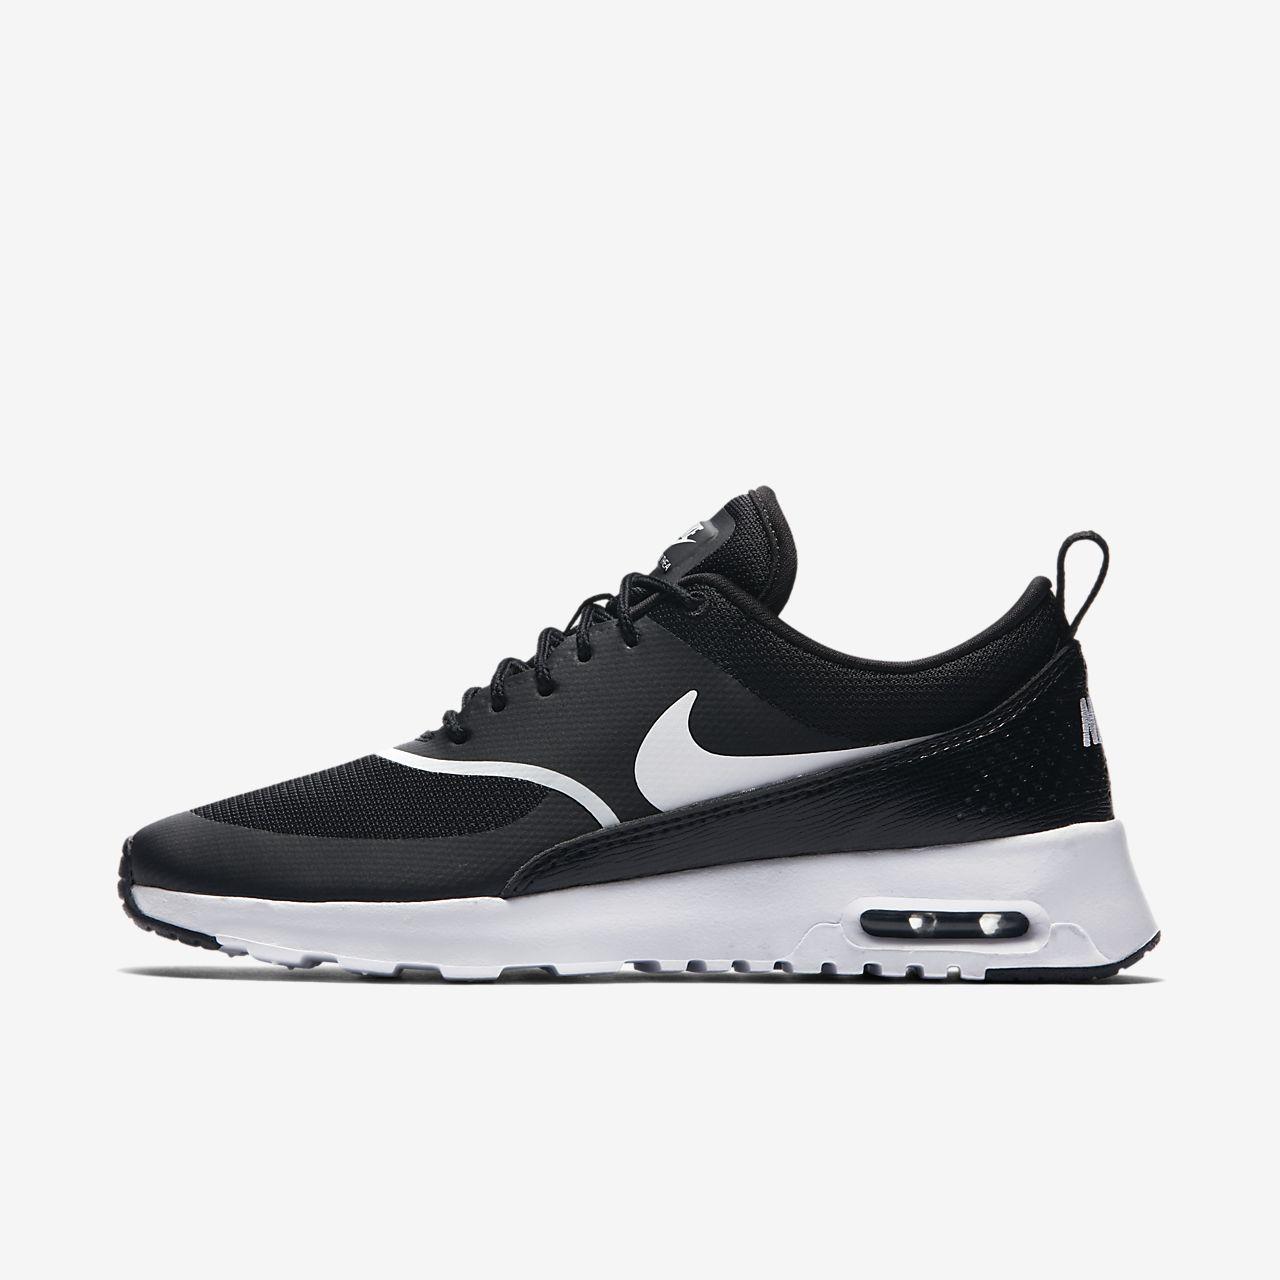 Mænd Nike kvinder AIR MAX THEA ULTRA FK (881175601) høj